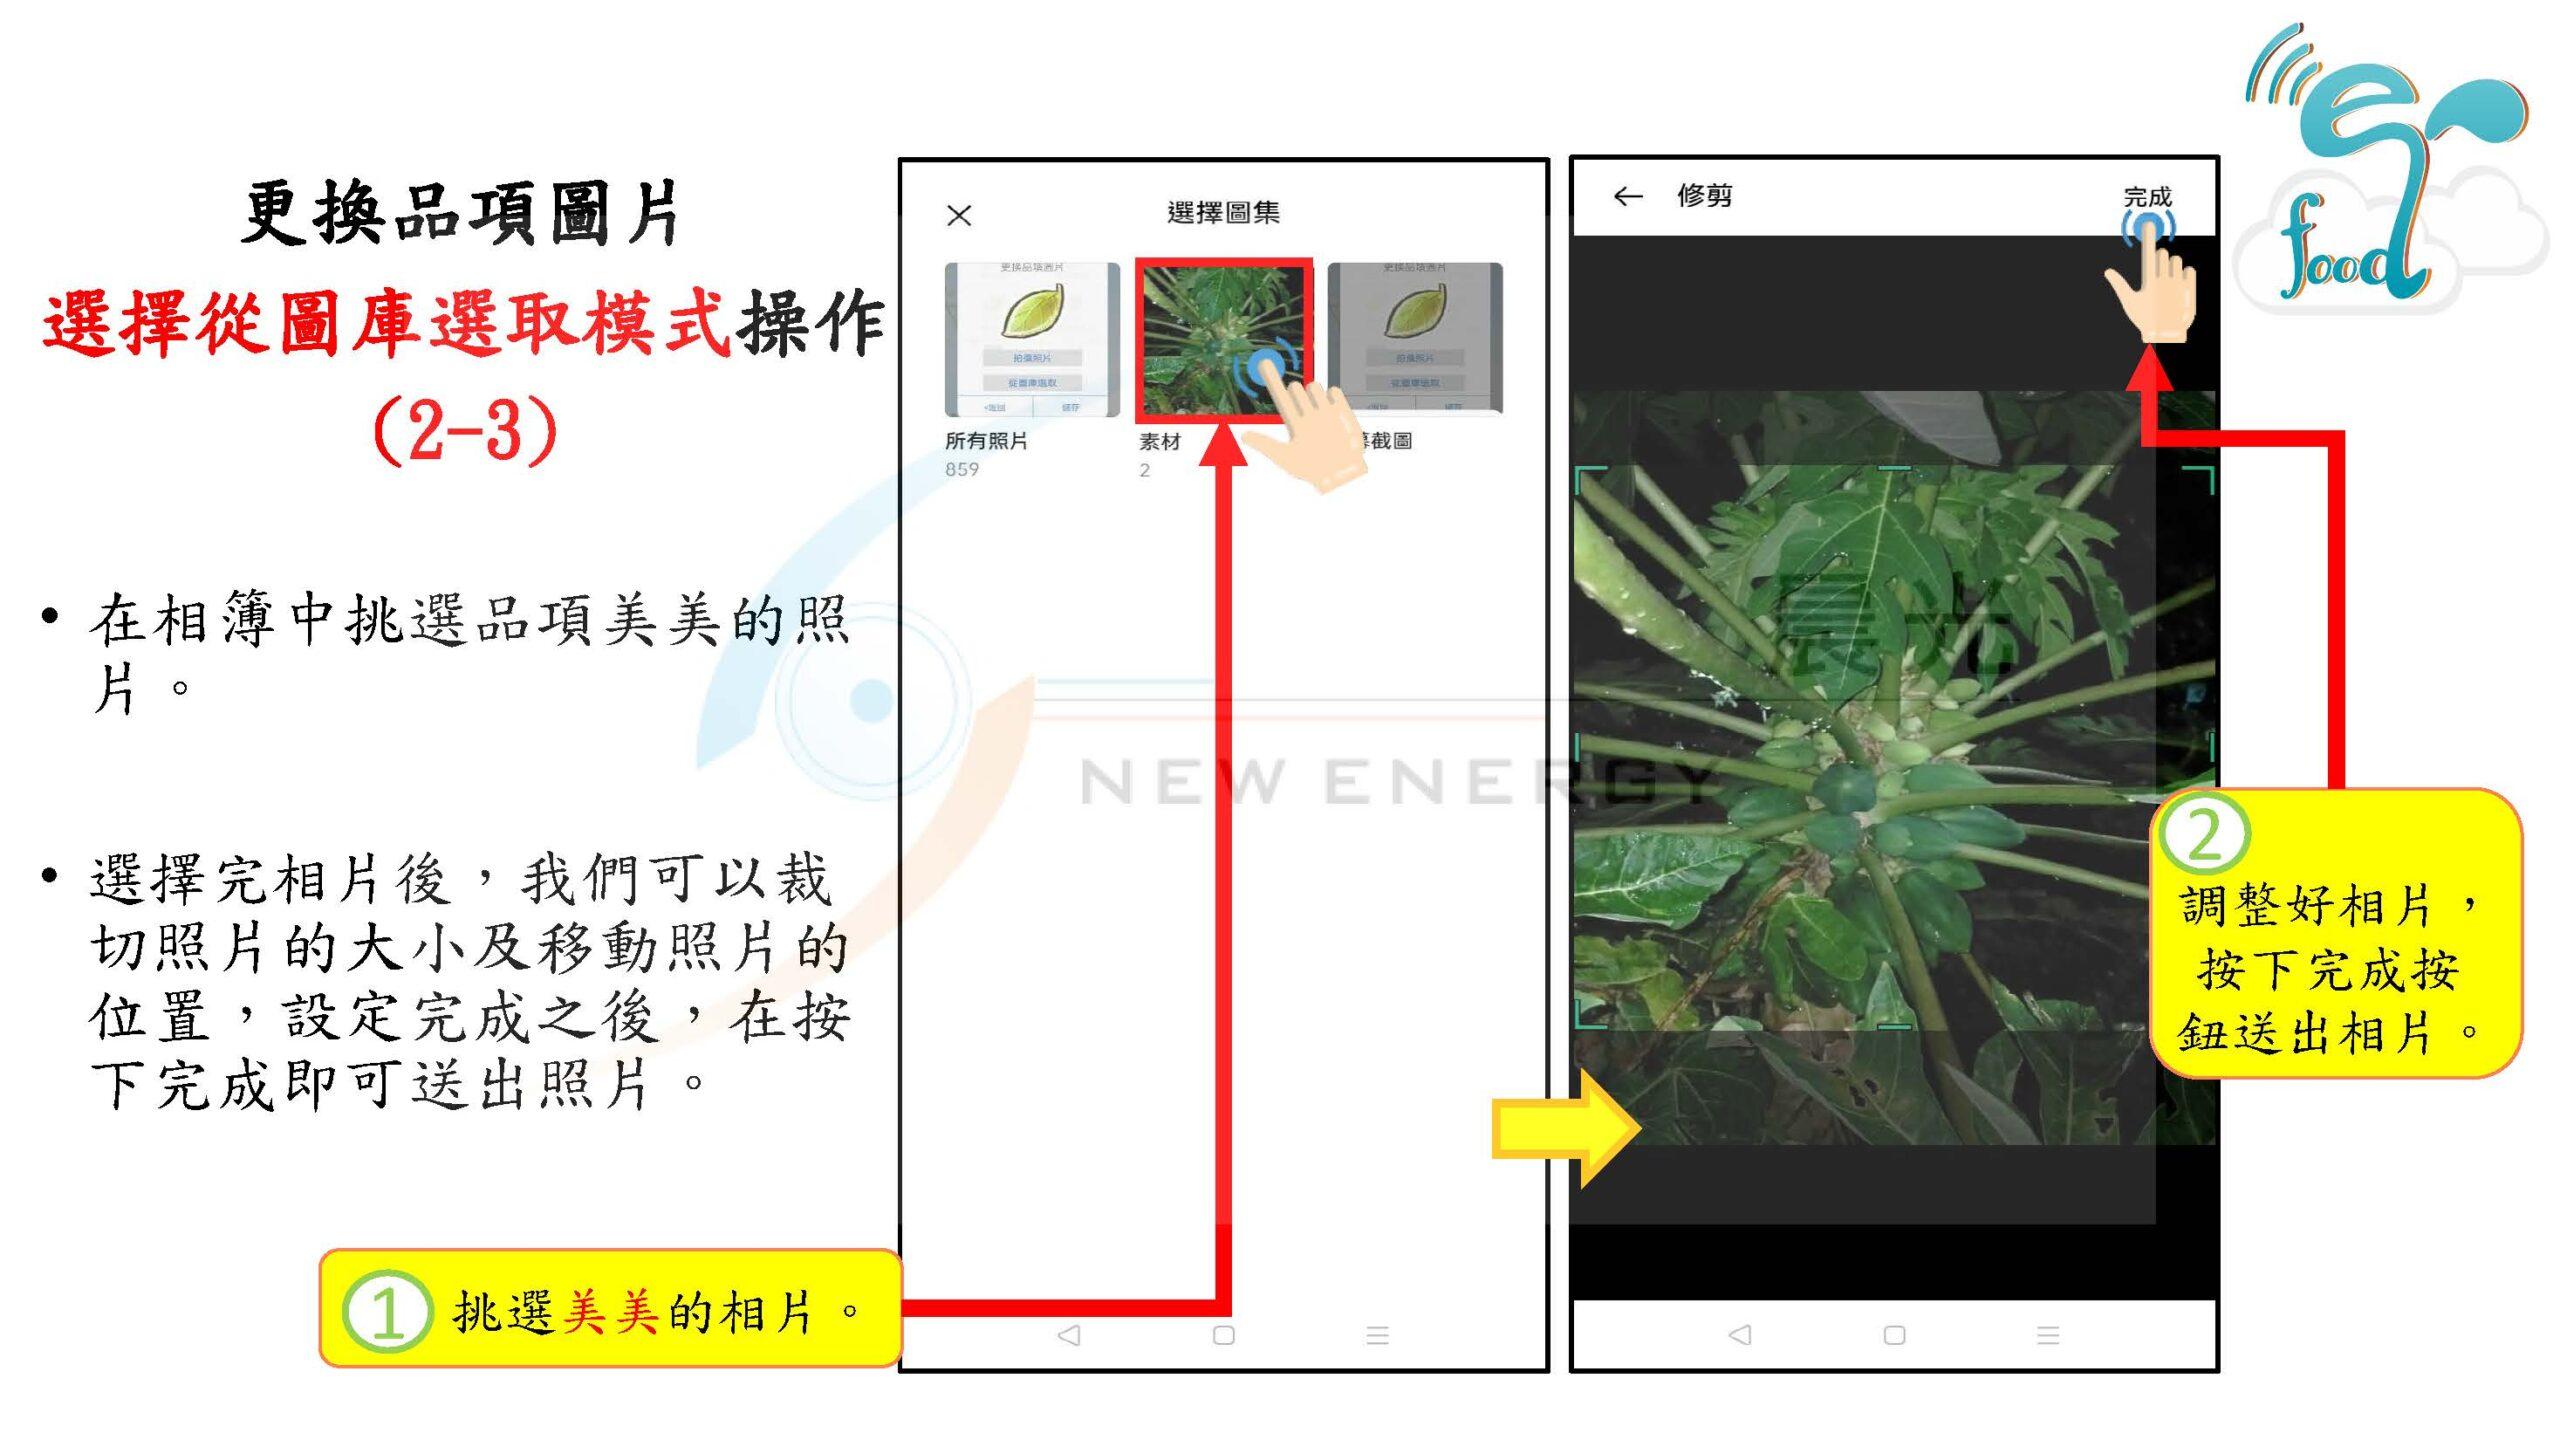 真食呈現,品項細部設定,更換影像圖片,選擇從圖庫選取